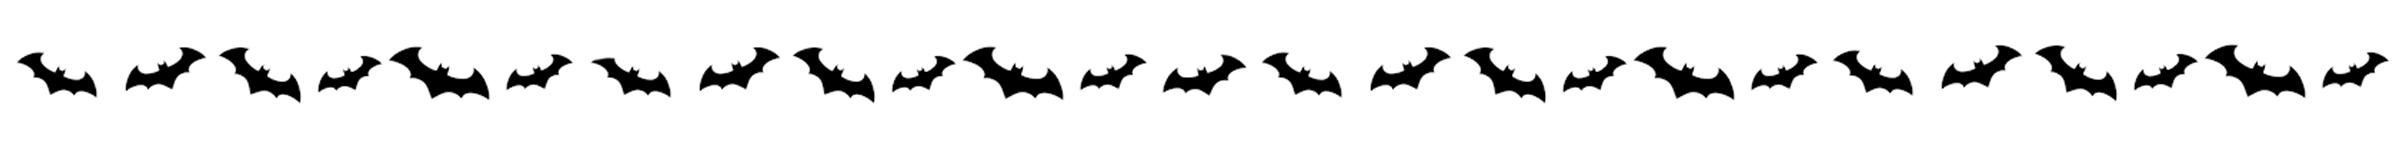 Bat Border.jpg